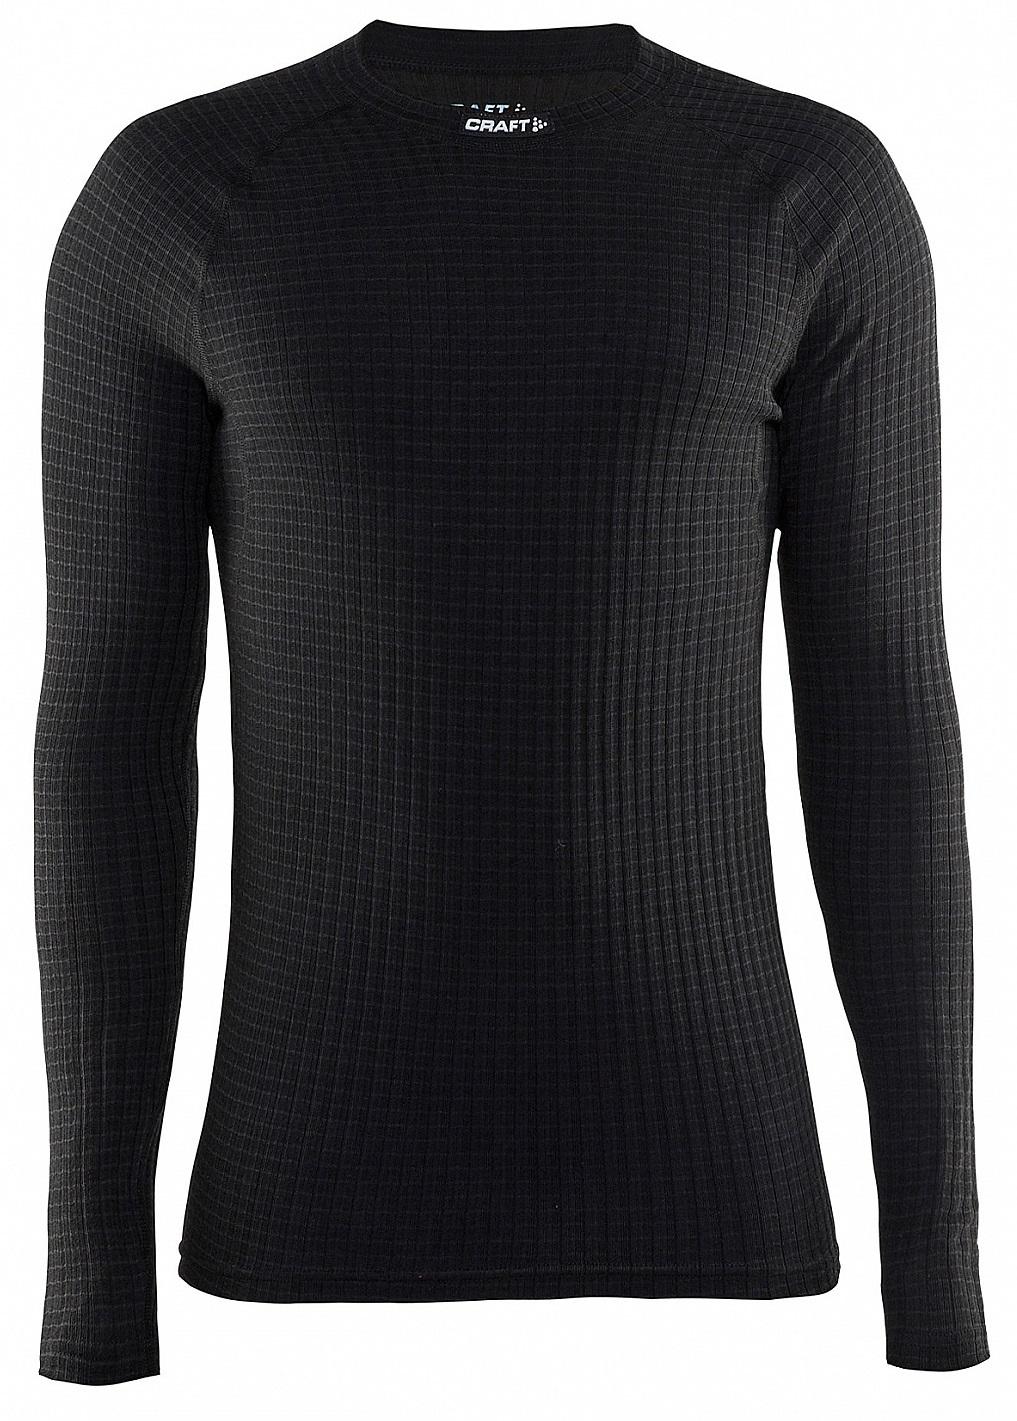 Мужское термобелье рубашка с шерстью мериноса Craft Warm Wool Black (1903726-9999)